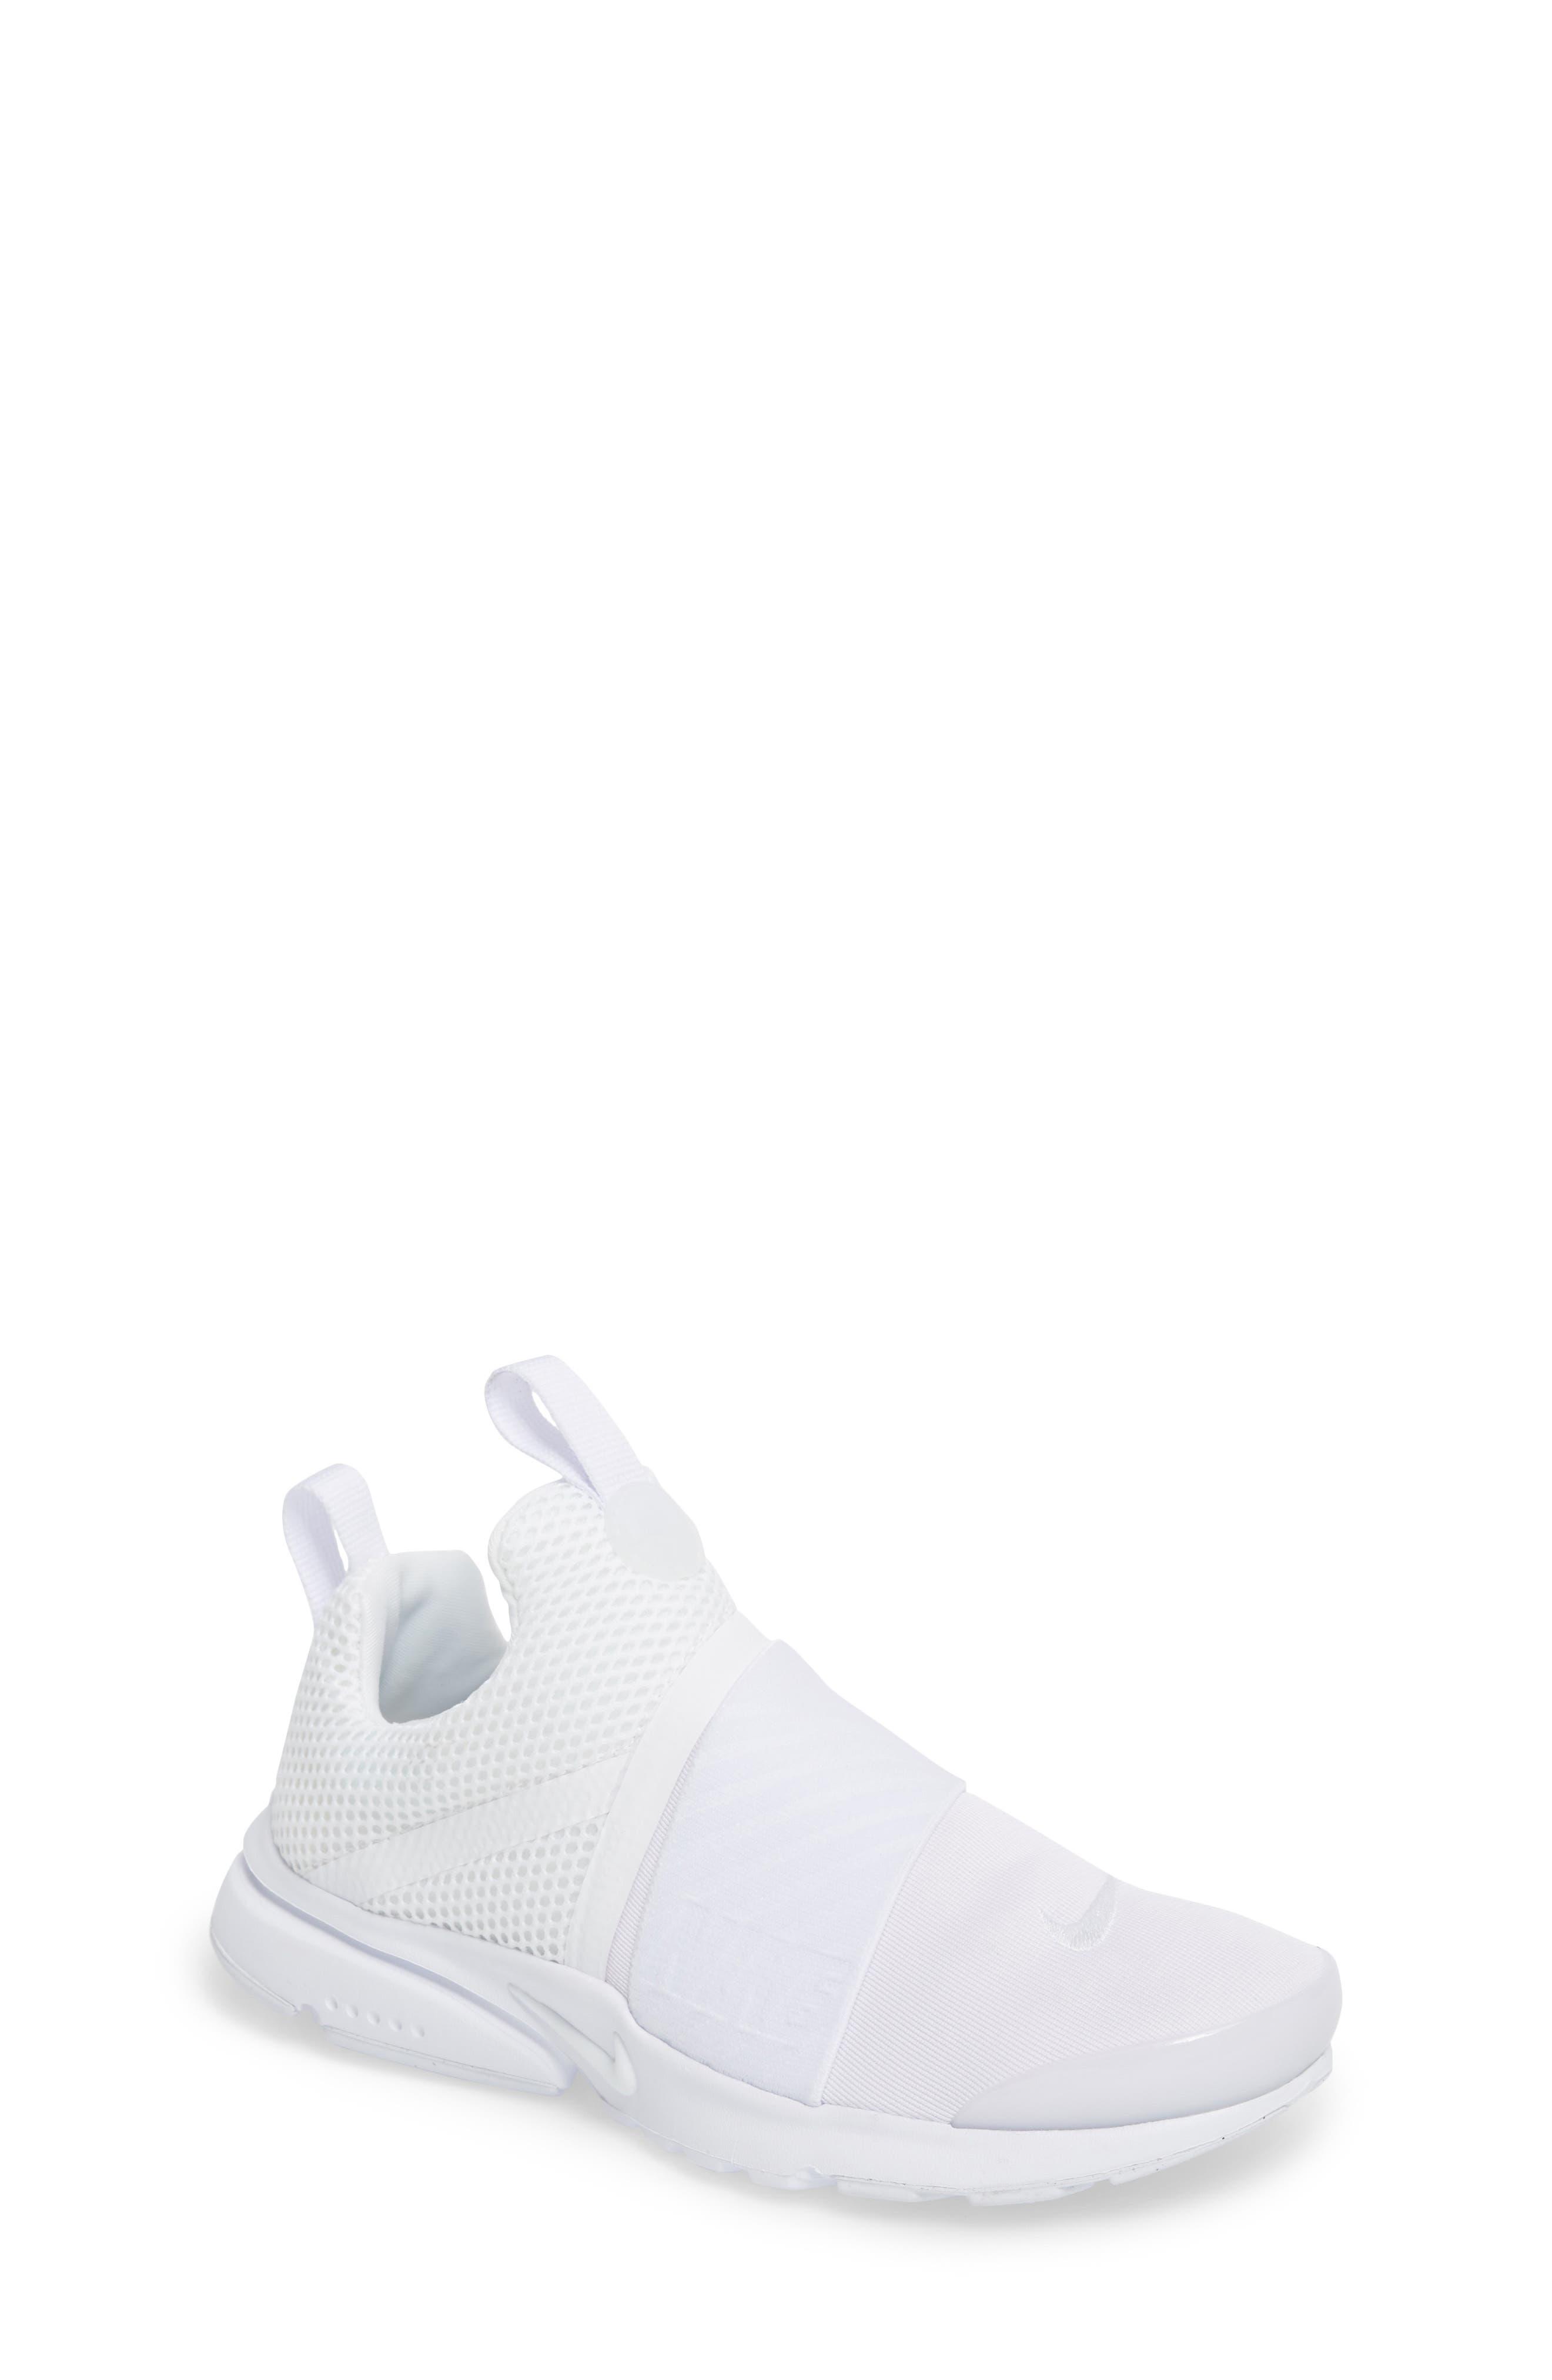 Presto Extreme Sneaker,                             Main thumbnail 1, color,                             White/ White/ White